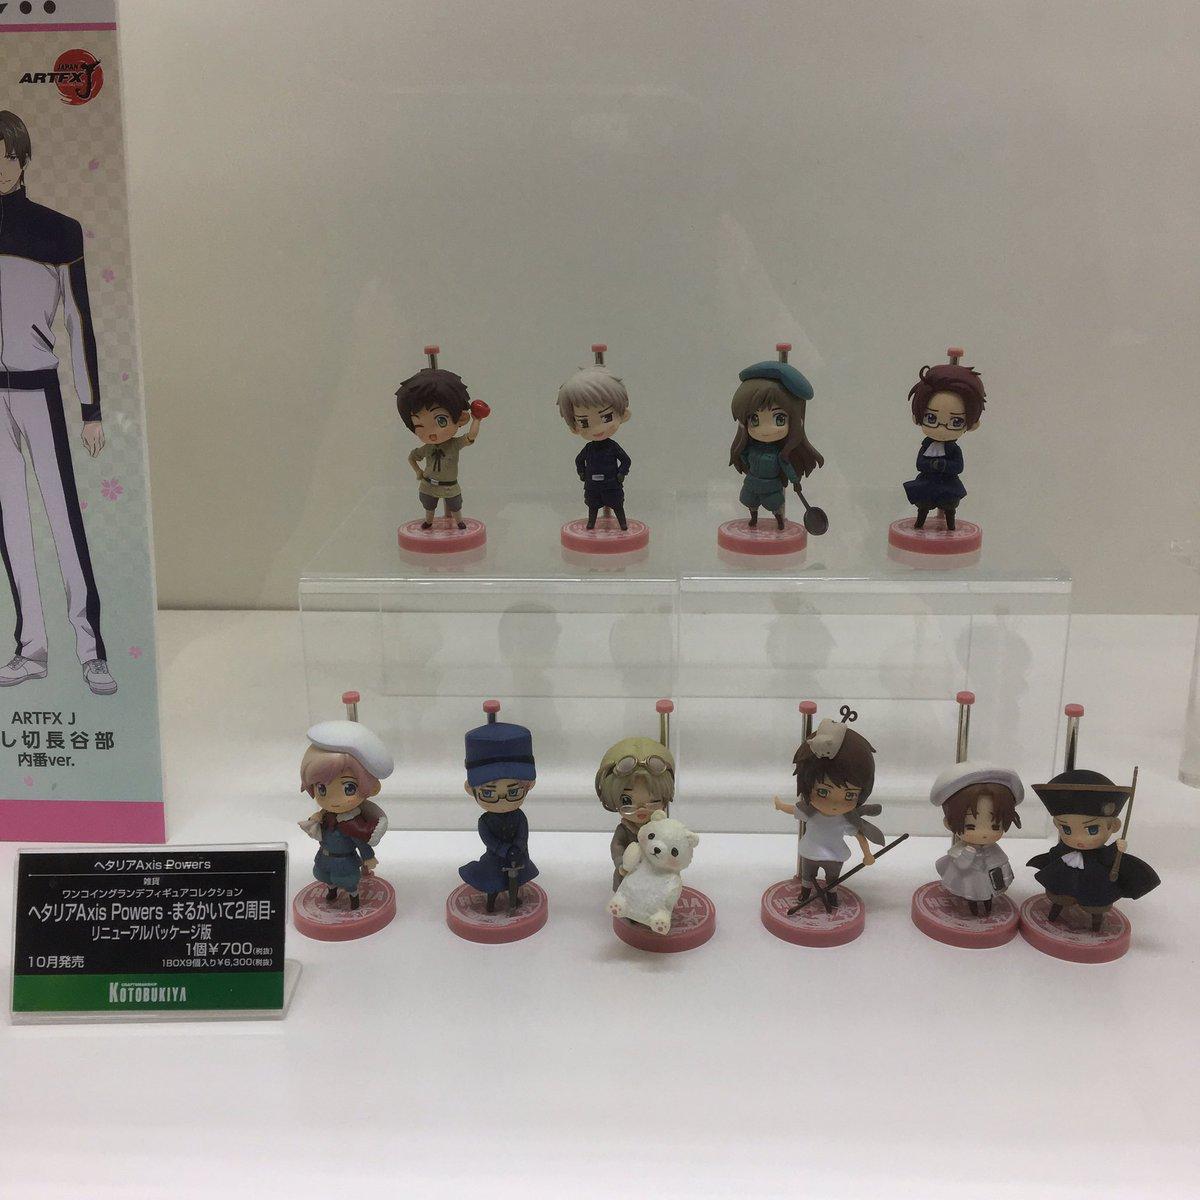 【es展示情報③】『AnimeJapan 2017』:『ヘタリアAxis Powers』より「ワンコイングランデフィギュ